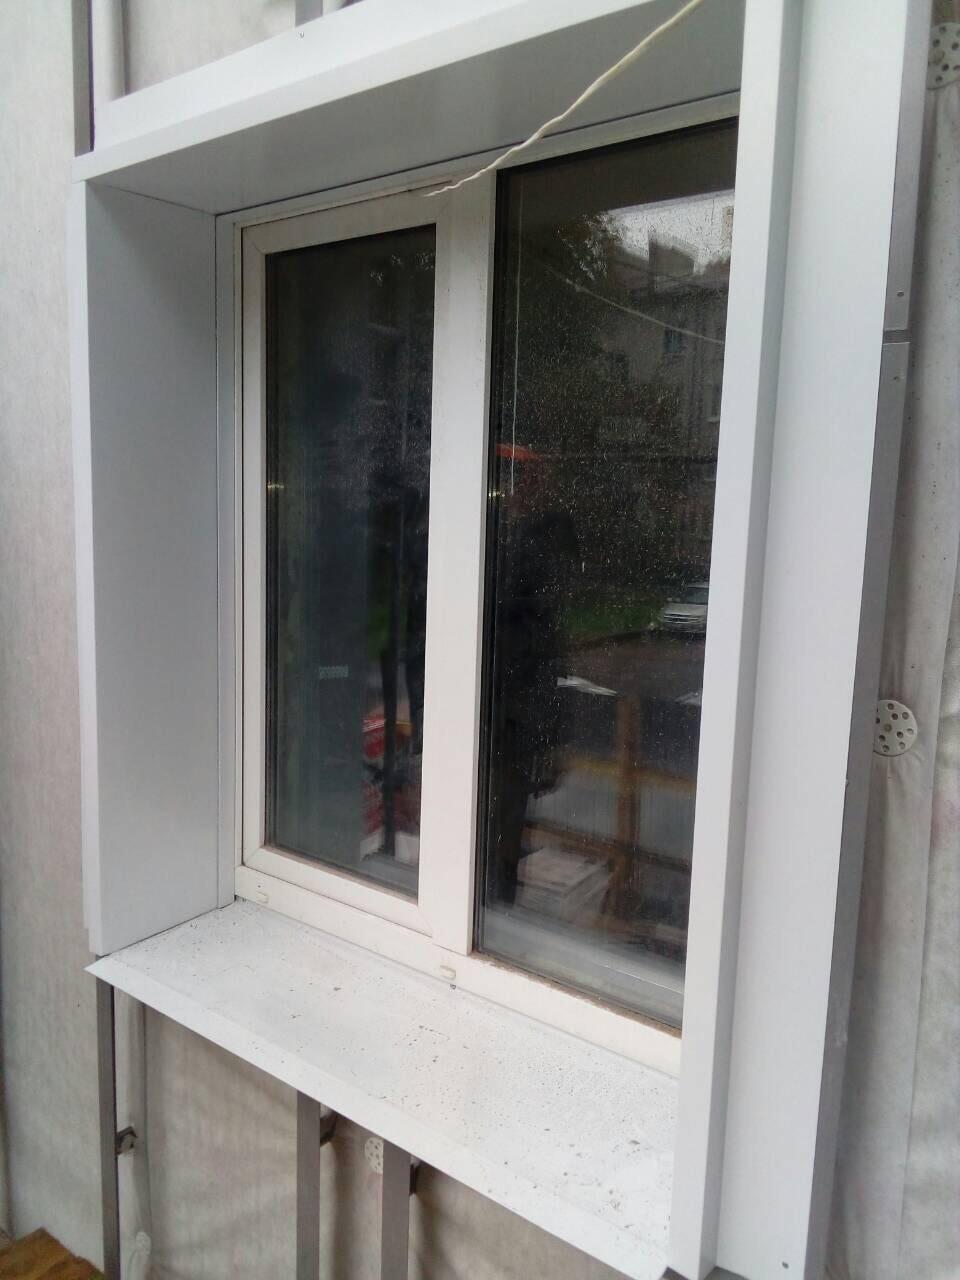 Стоимость выполнения работ по устройству вентилируемого фасада здания Центра занятости вг. Гатчина, ЛО